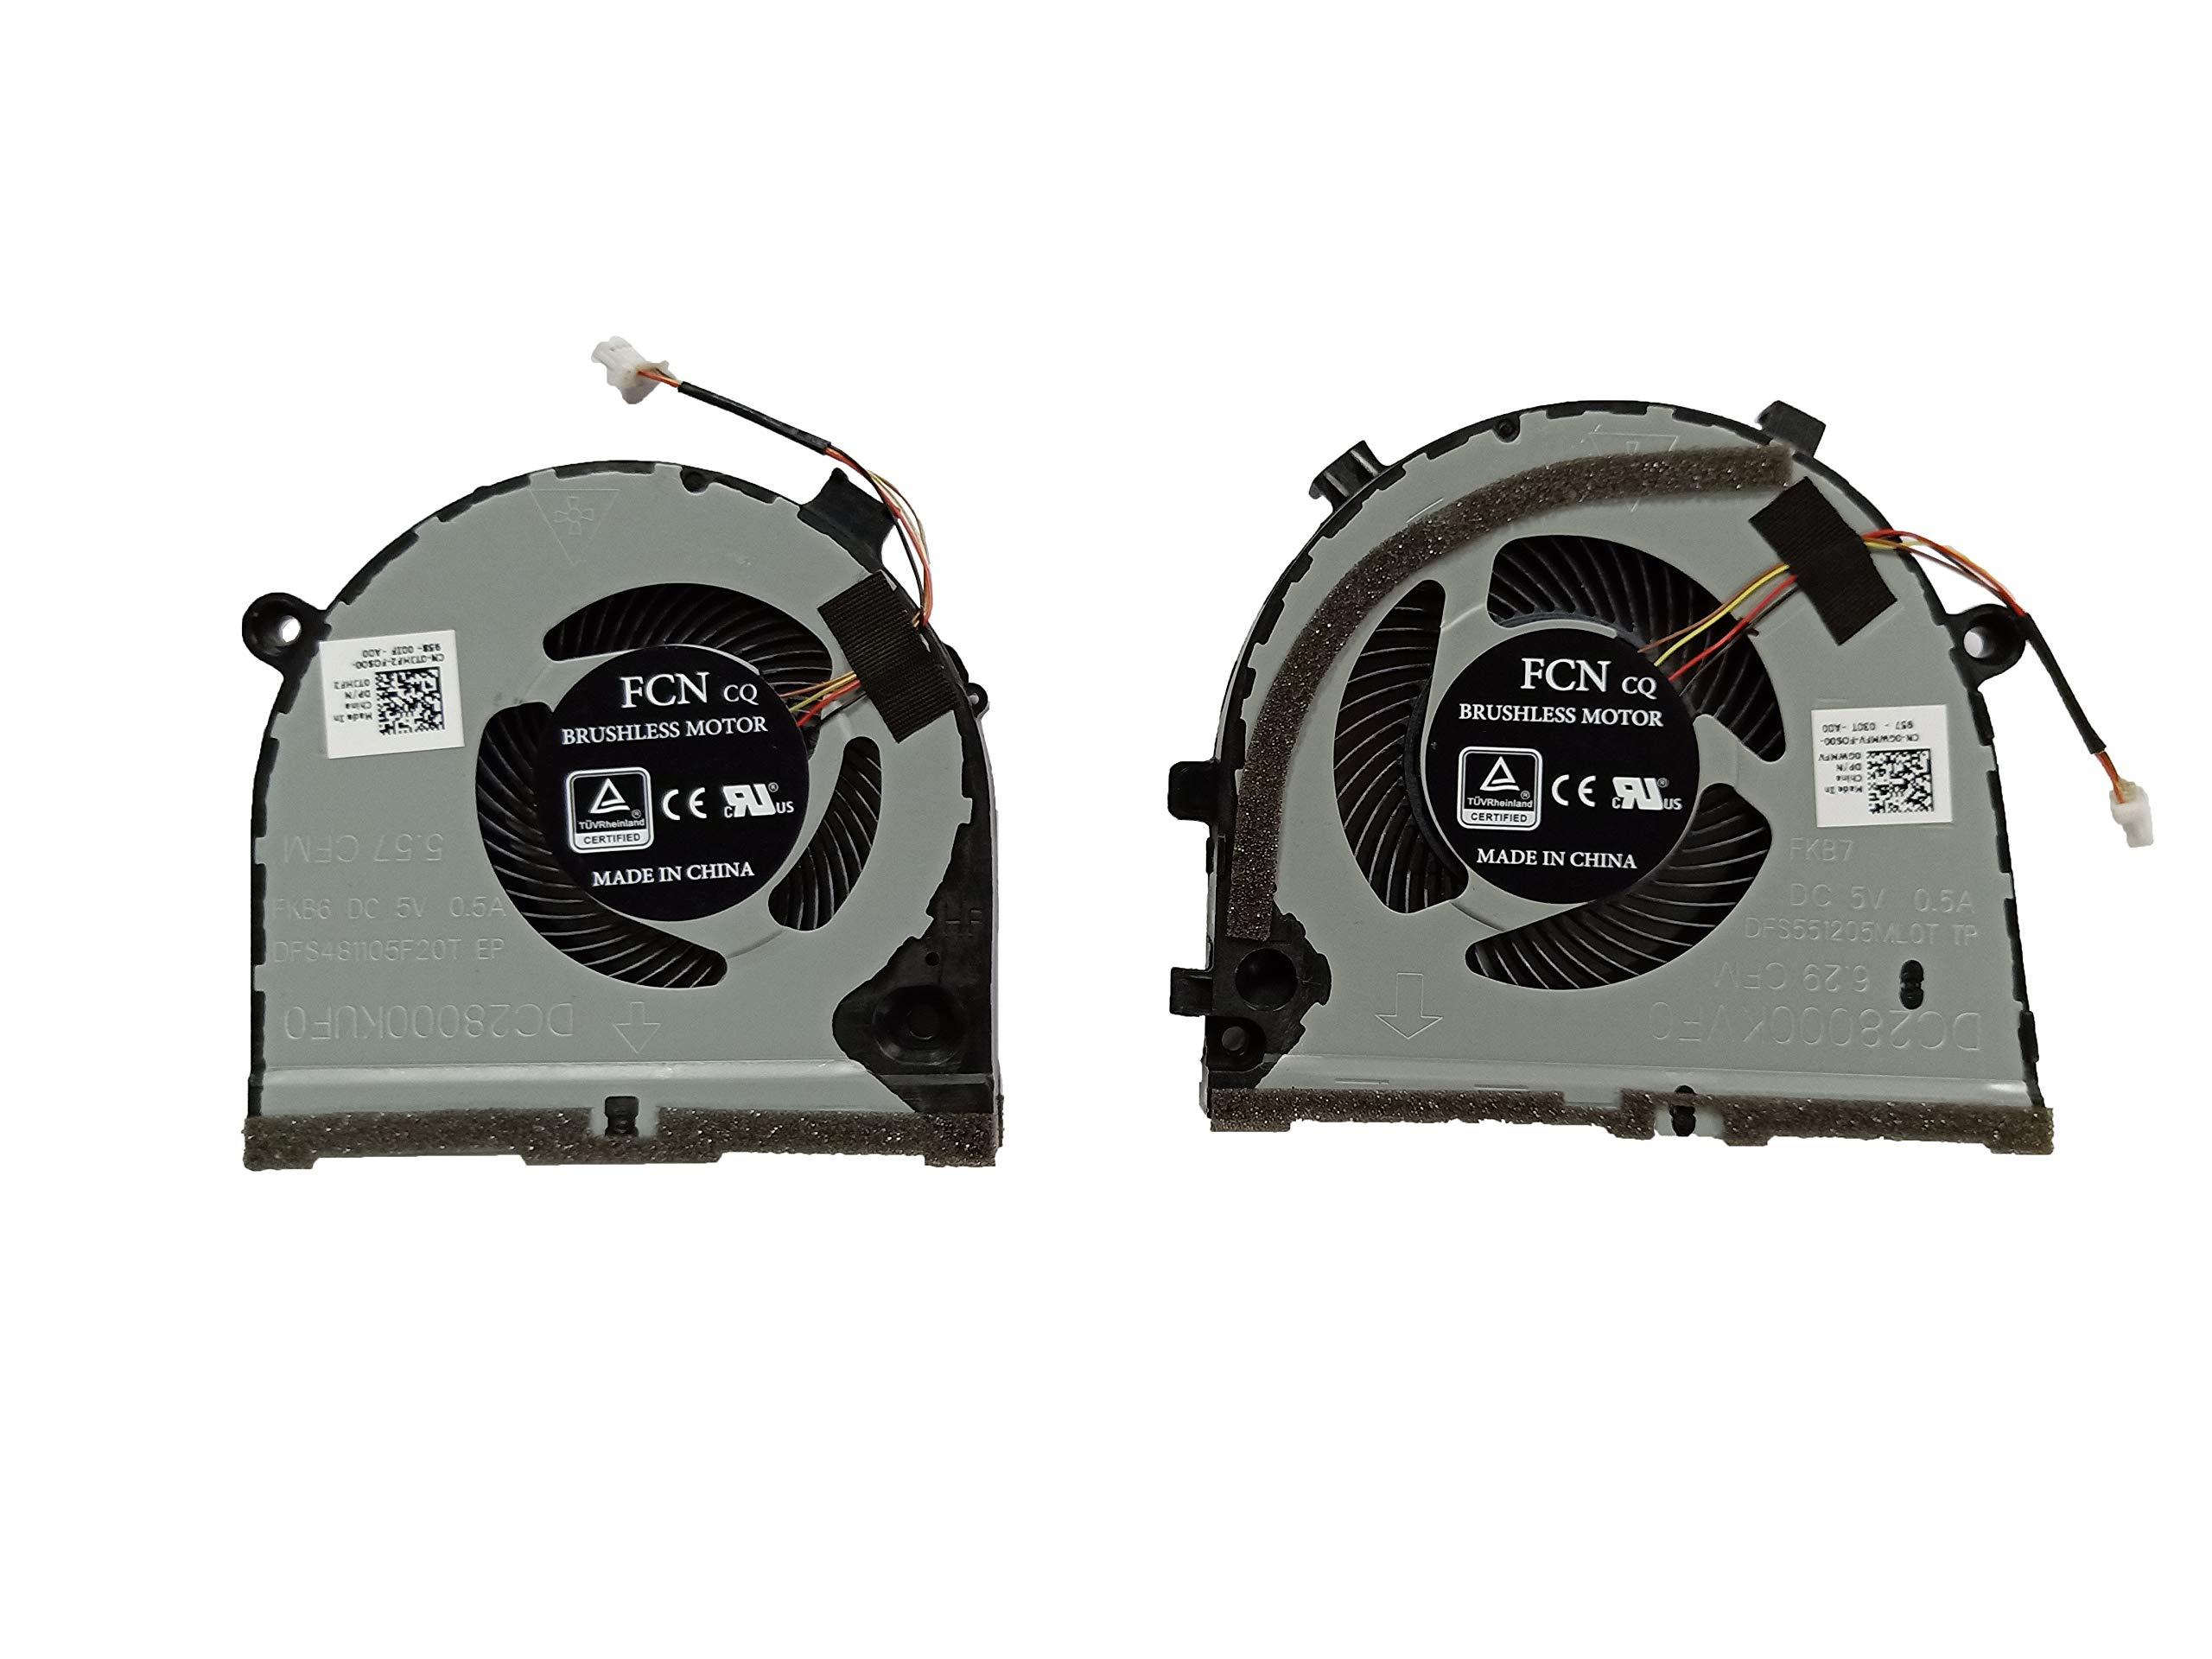 Cooler Cpu+gpu Para Dell Inspiron G5 15 5587 G3 G3- 3771 3579 3779 Series Game P/n: Cn-0tjhf2 Cn-0gwmfv Fcn Dfs481105f20